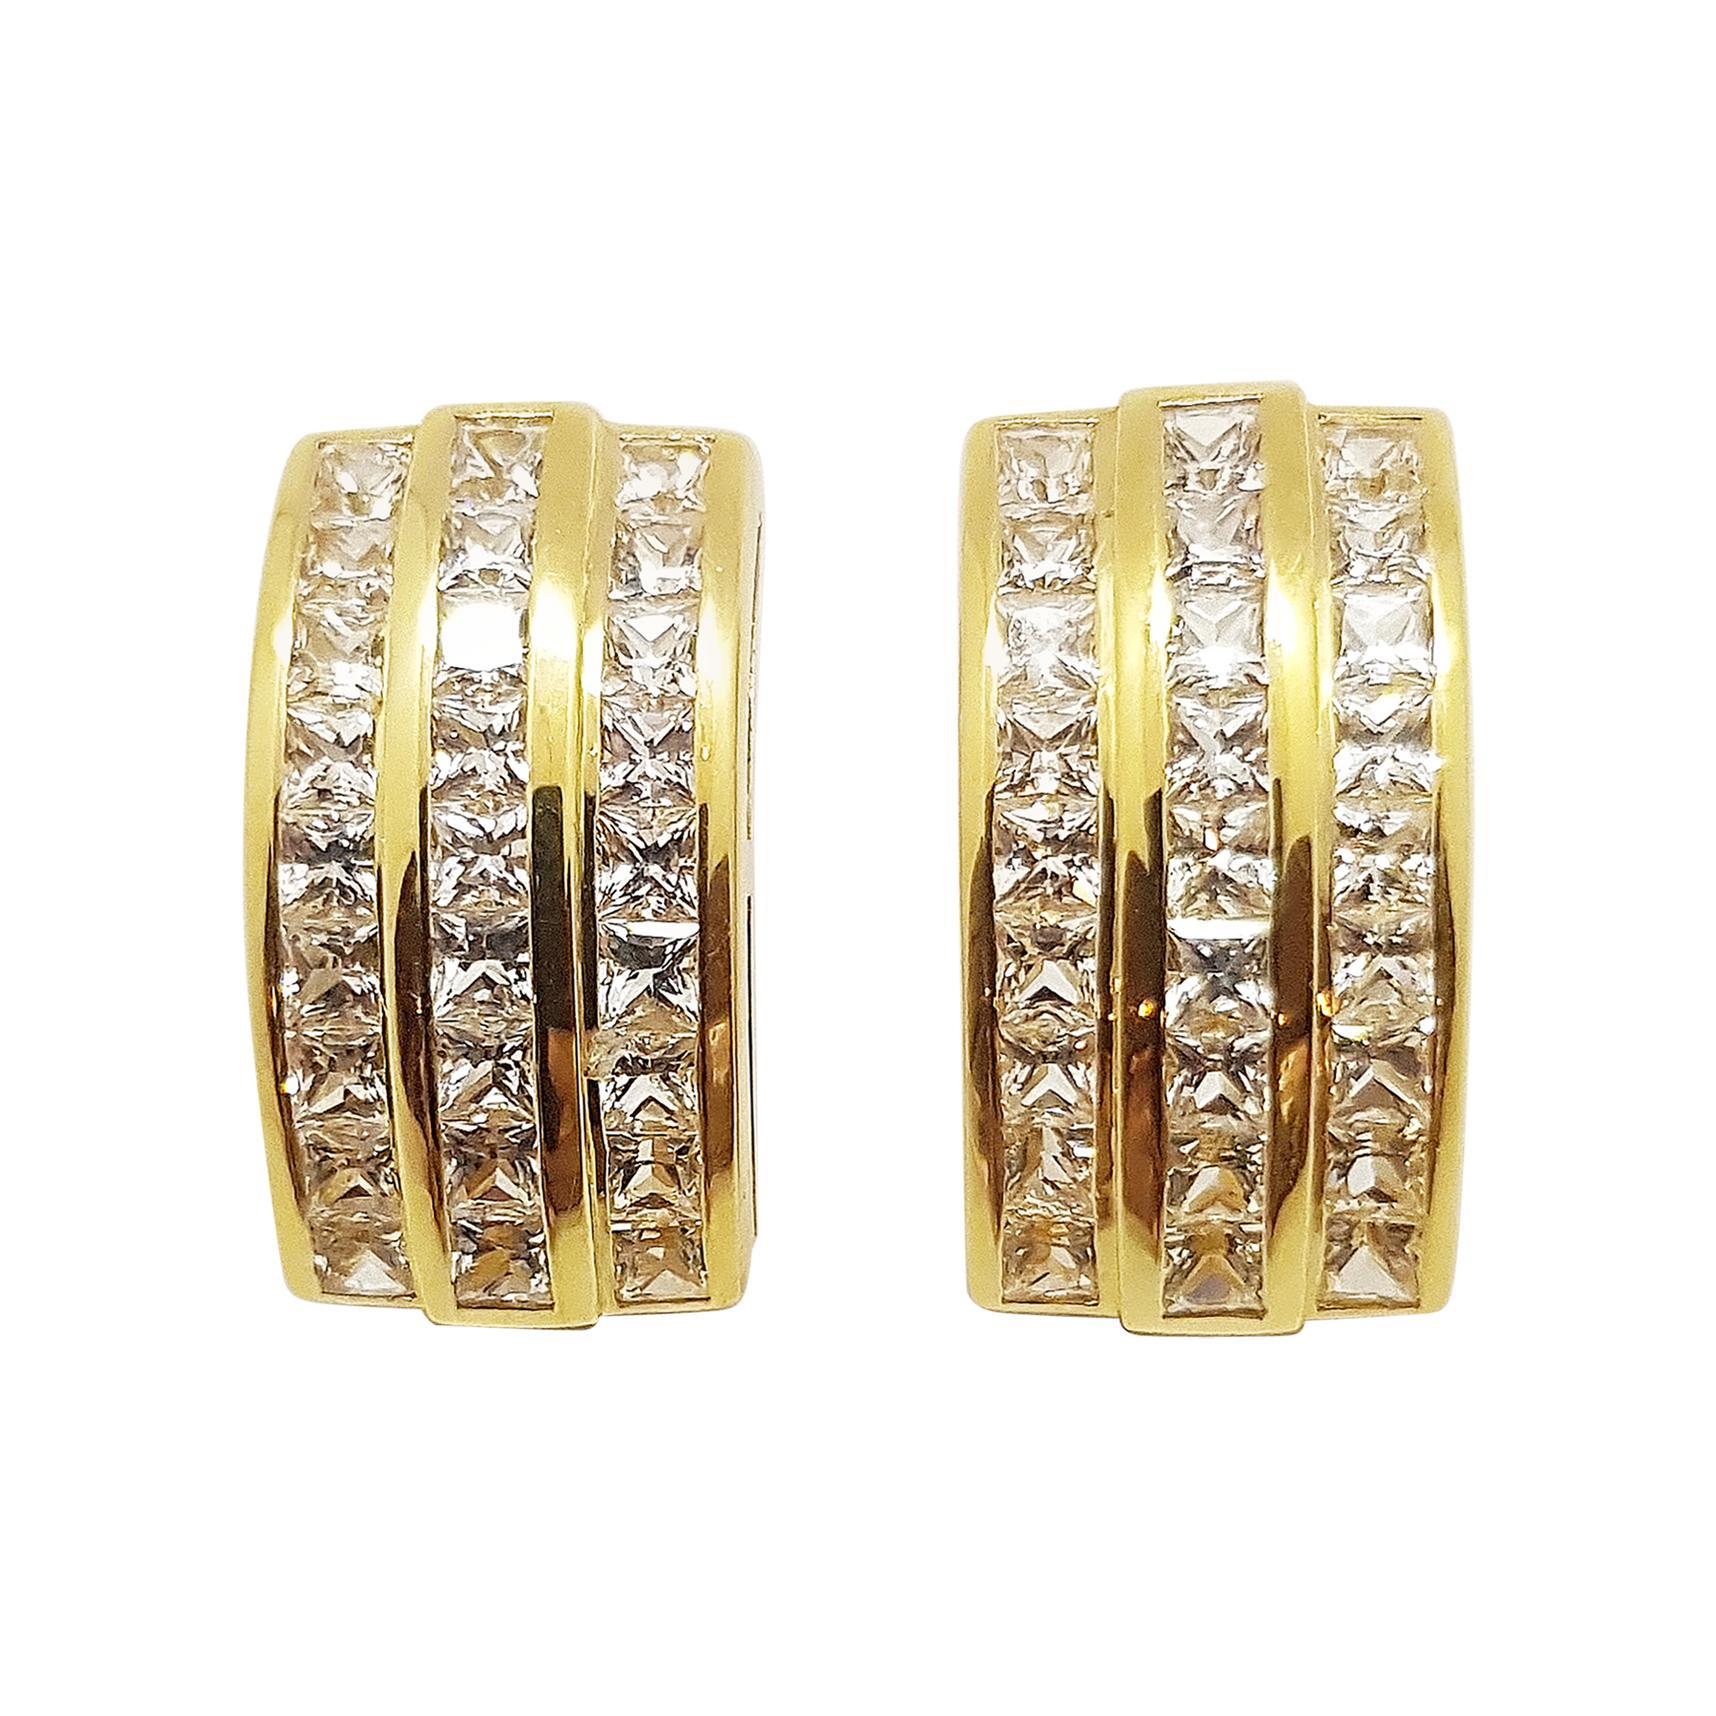 White Sapphire Earrings Set in 18 Karat Gold Settings